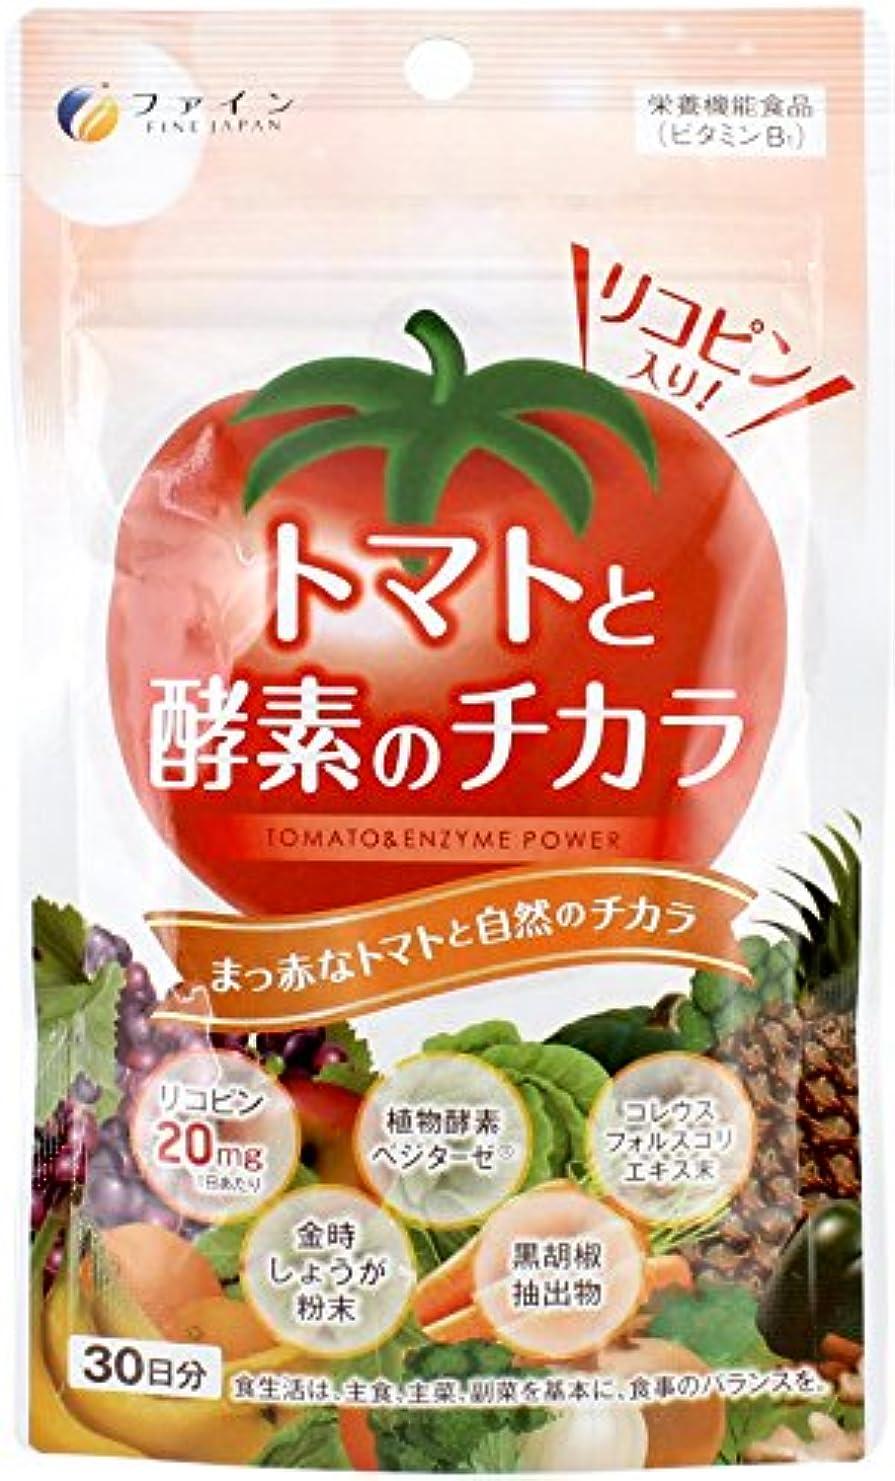 透過性大学生ドライバファイン トマトと酵素のチカラ 30日分(1日3粒/90粒入) リコピン コレウスフォルスコリエキス末 金時しょうが粉末 黒胡椒抽出物 配合